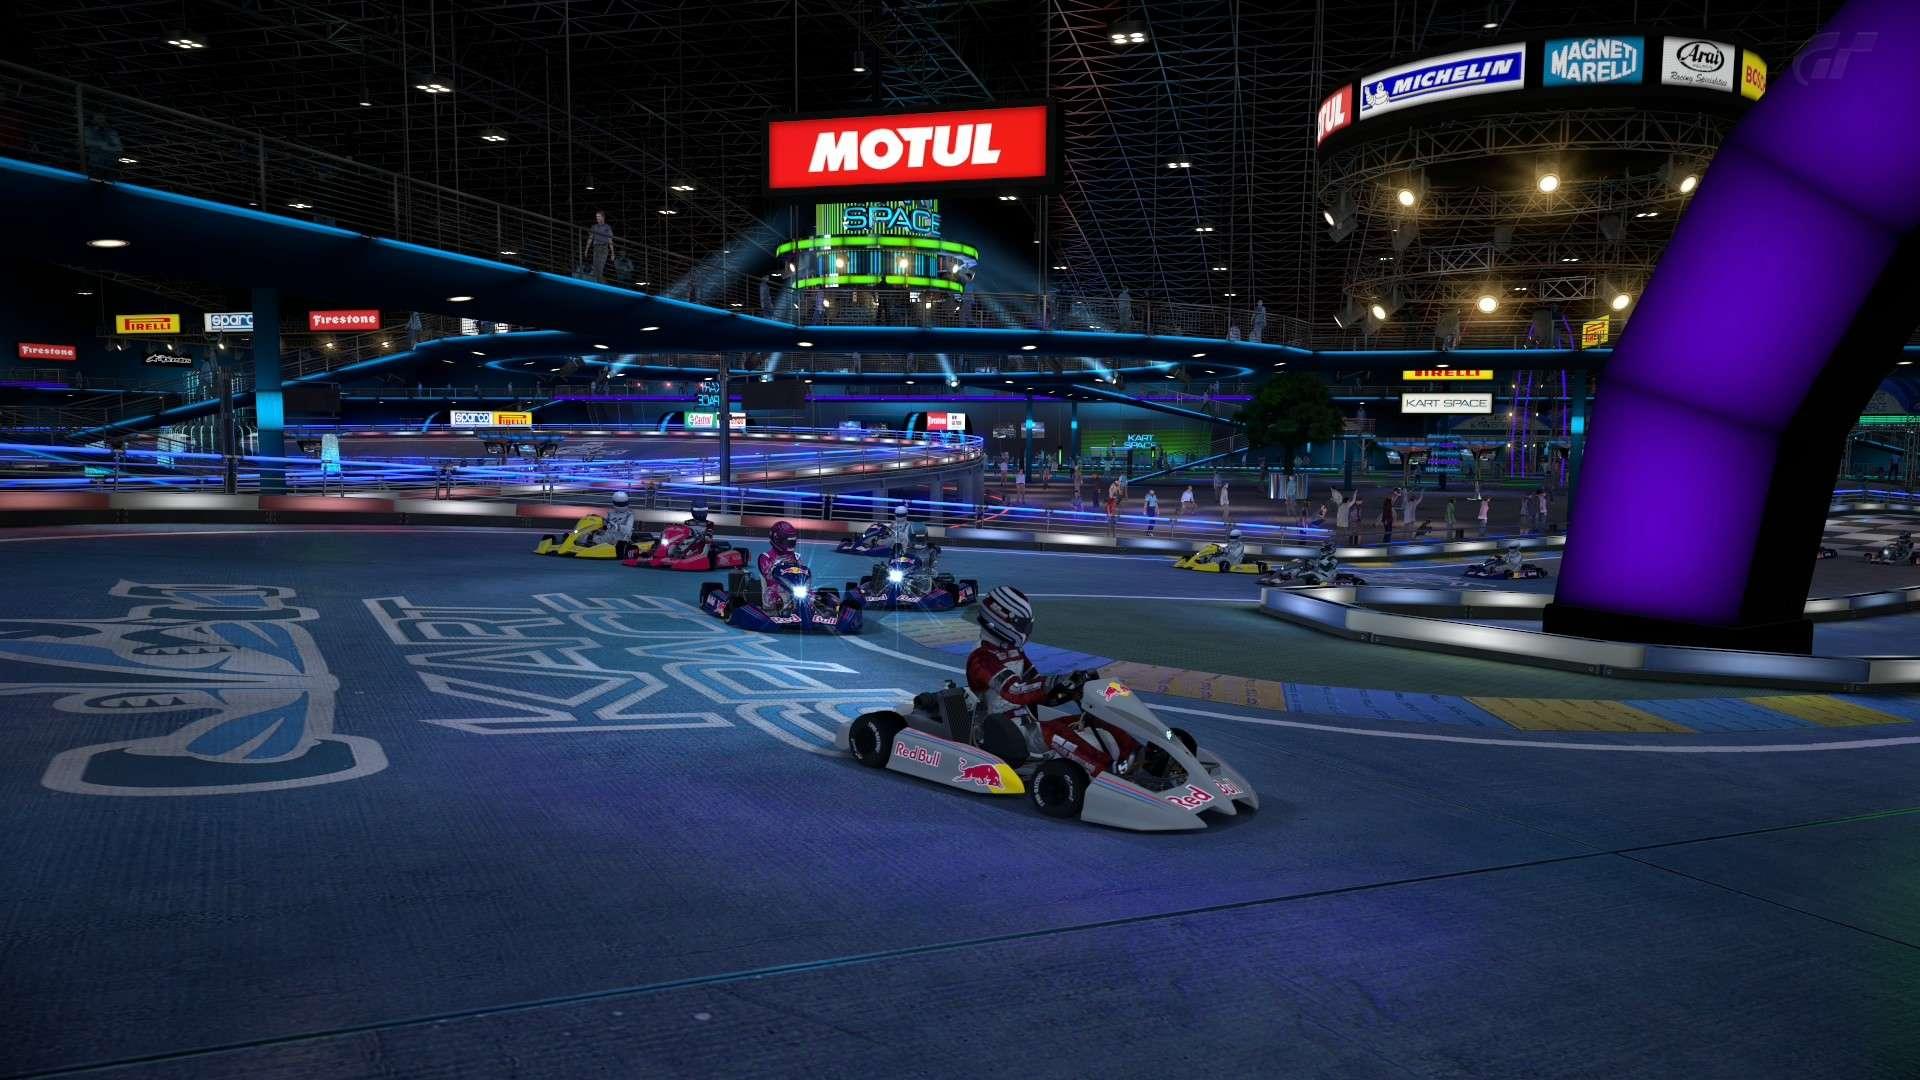 Crónica del Red Bull Racing Kart en Kart Space  Kart_s22